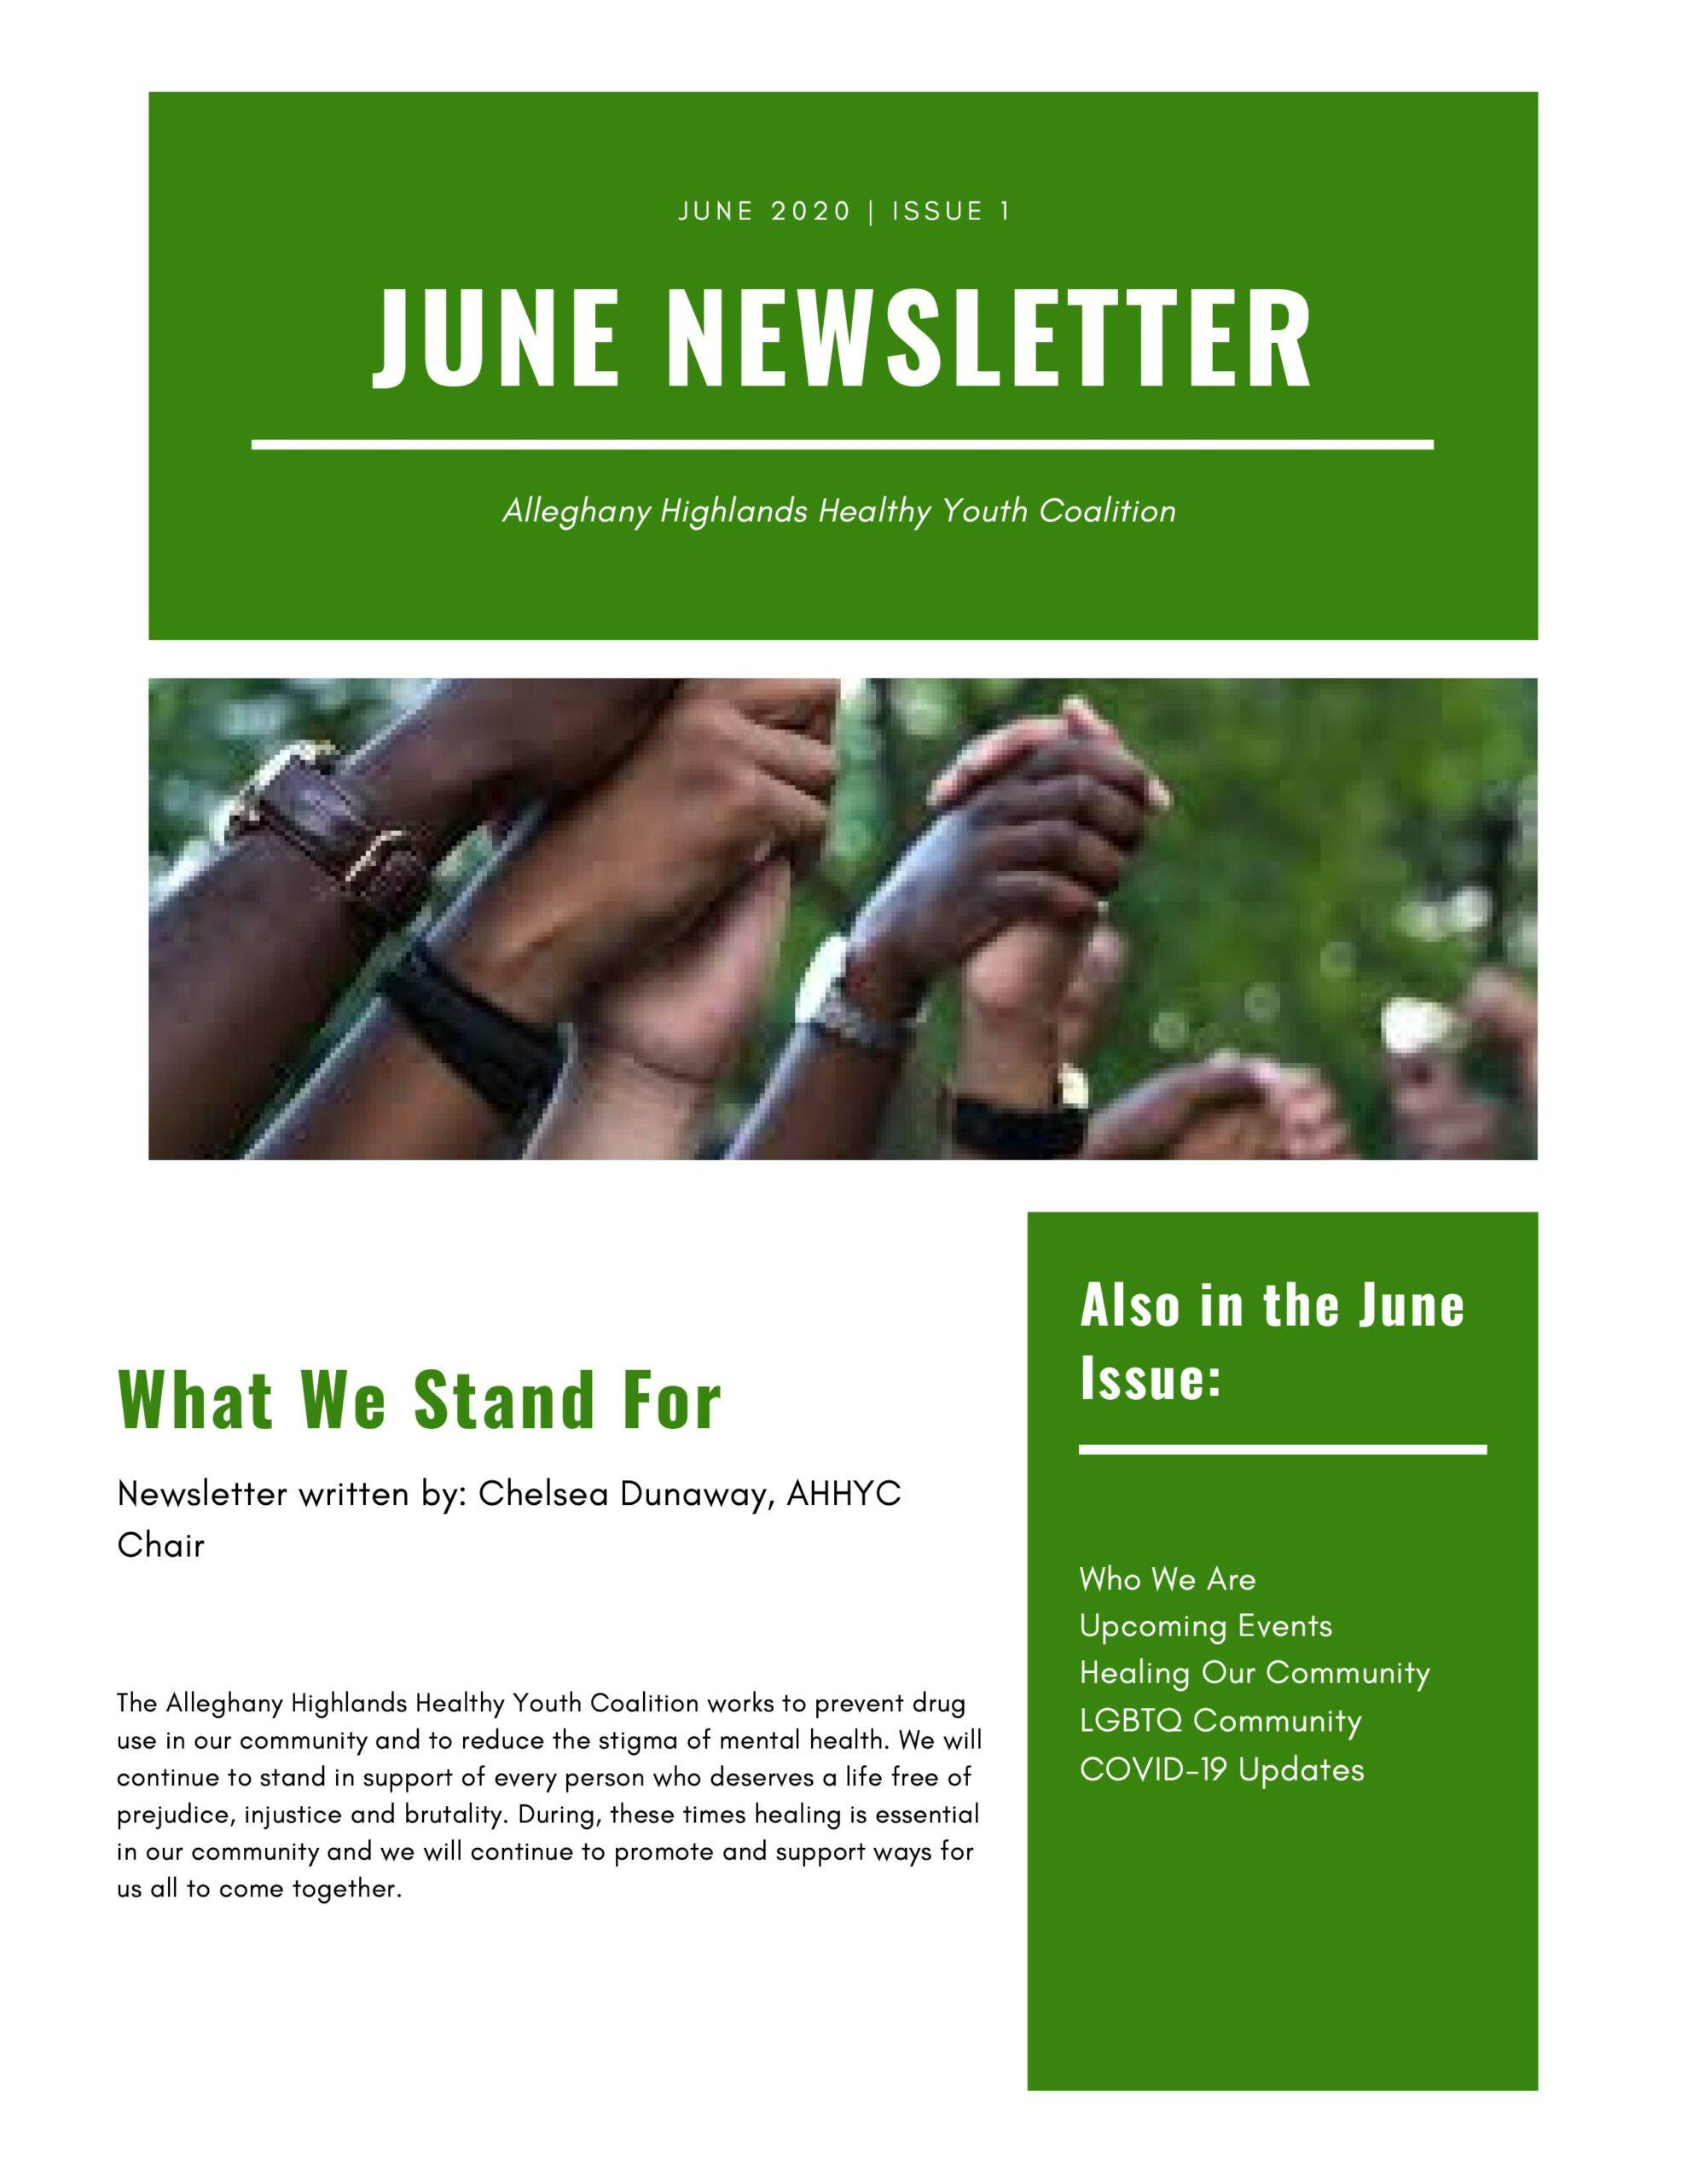 AHHYC June Newsletter 1